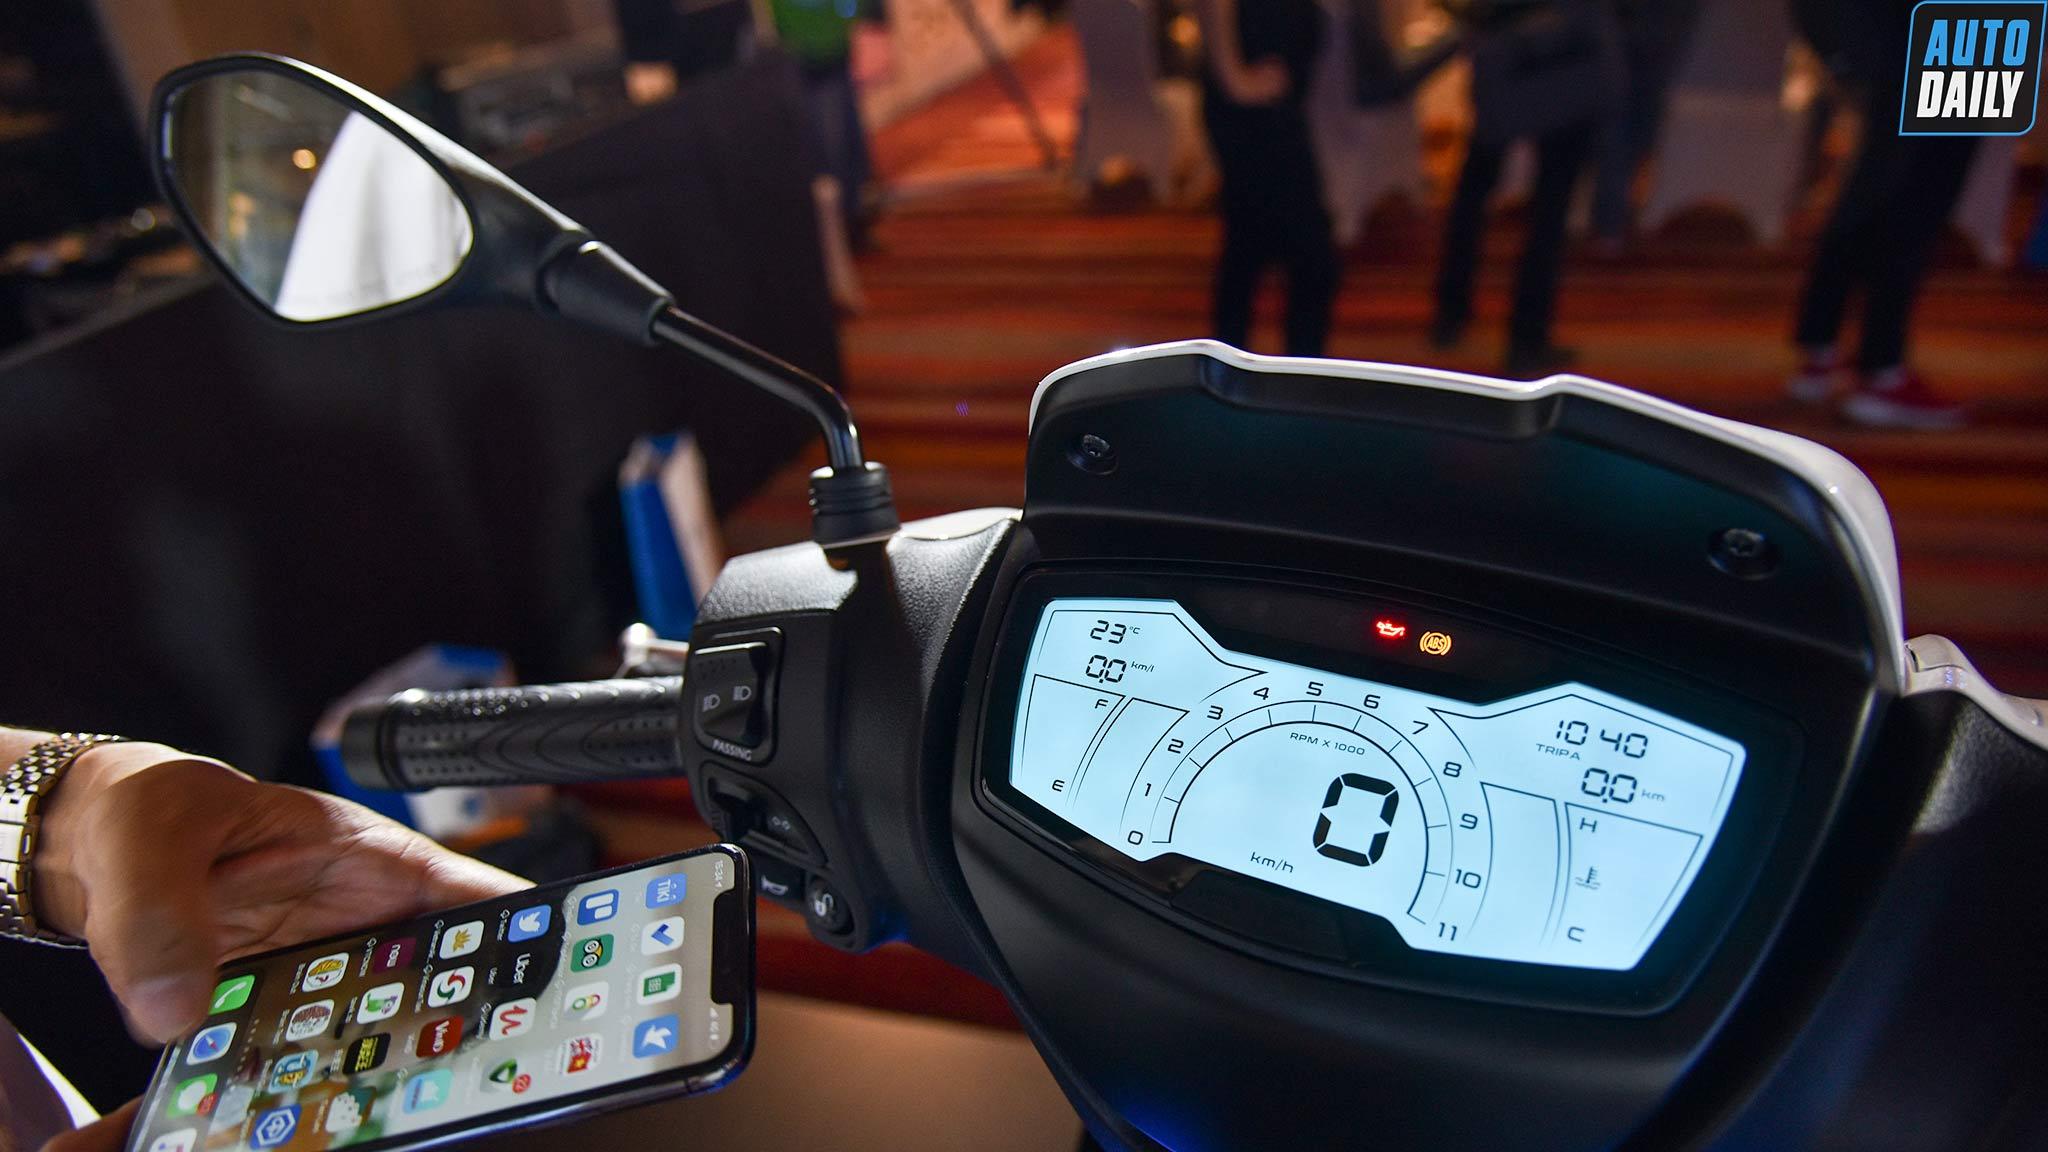 Hướng dẫn kết nối điện thoại smartphone trên Piaggio Medley 2020